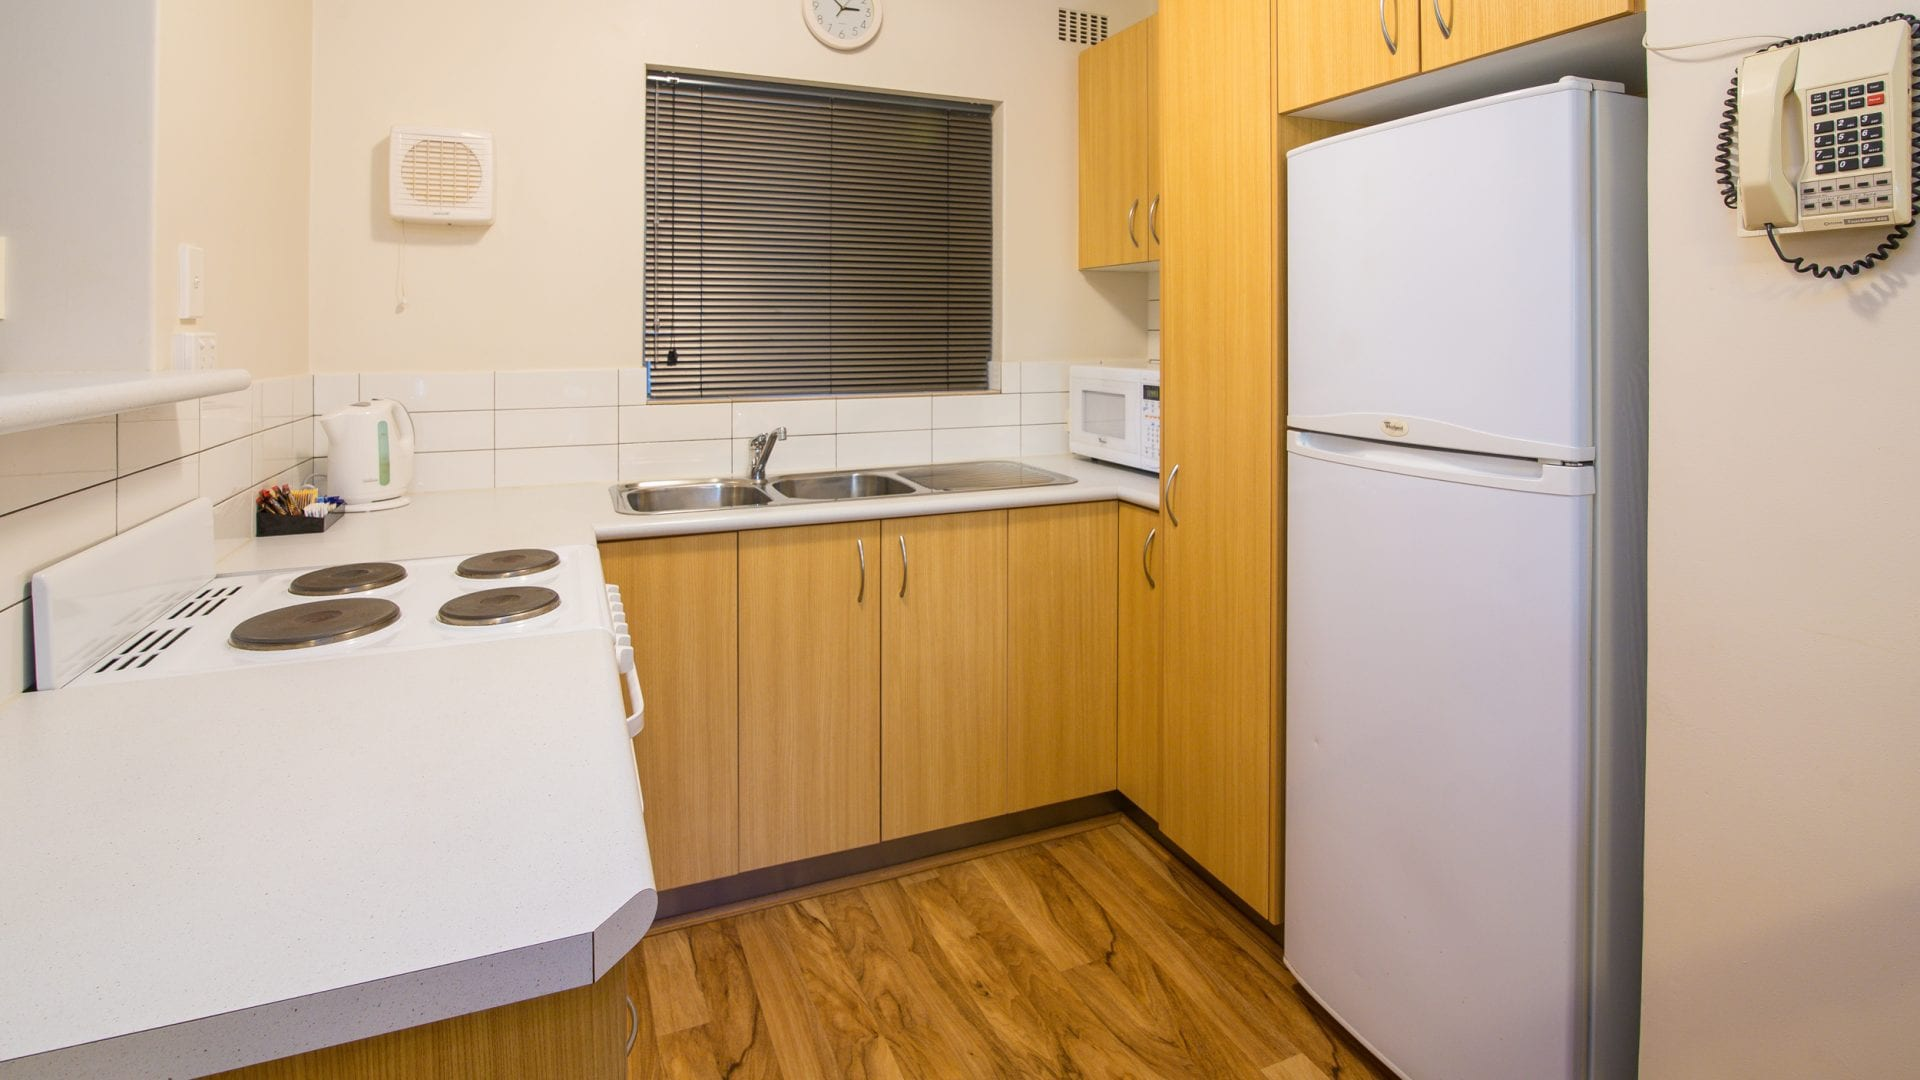 kitchen2-1920x1080